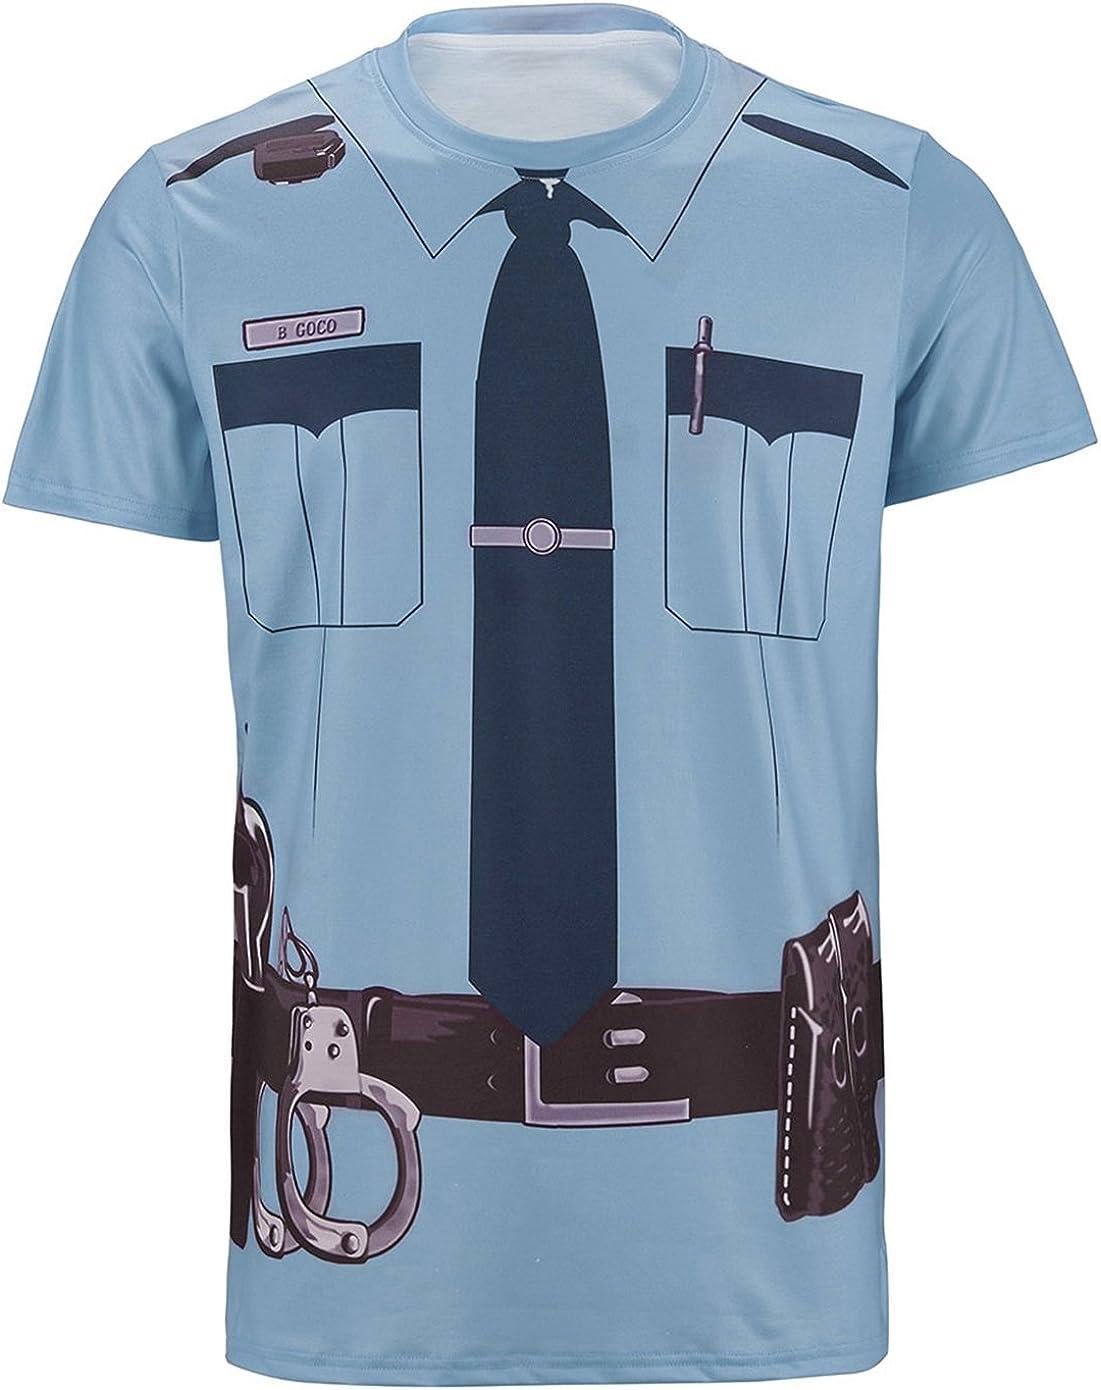 Cosavorock Disfraz Costume de Policía T-Shirts Camisetas Hombre (M, Azul): Amazon.es: Ropa y accesorios